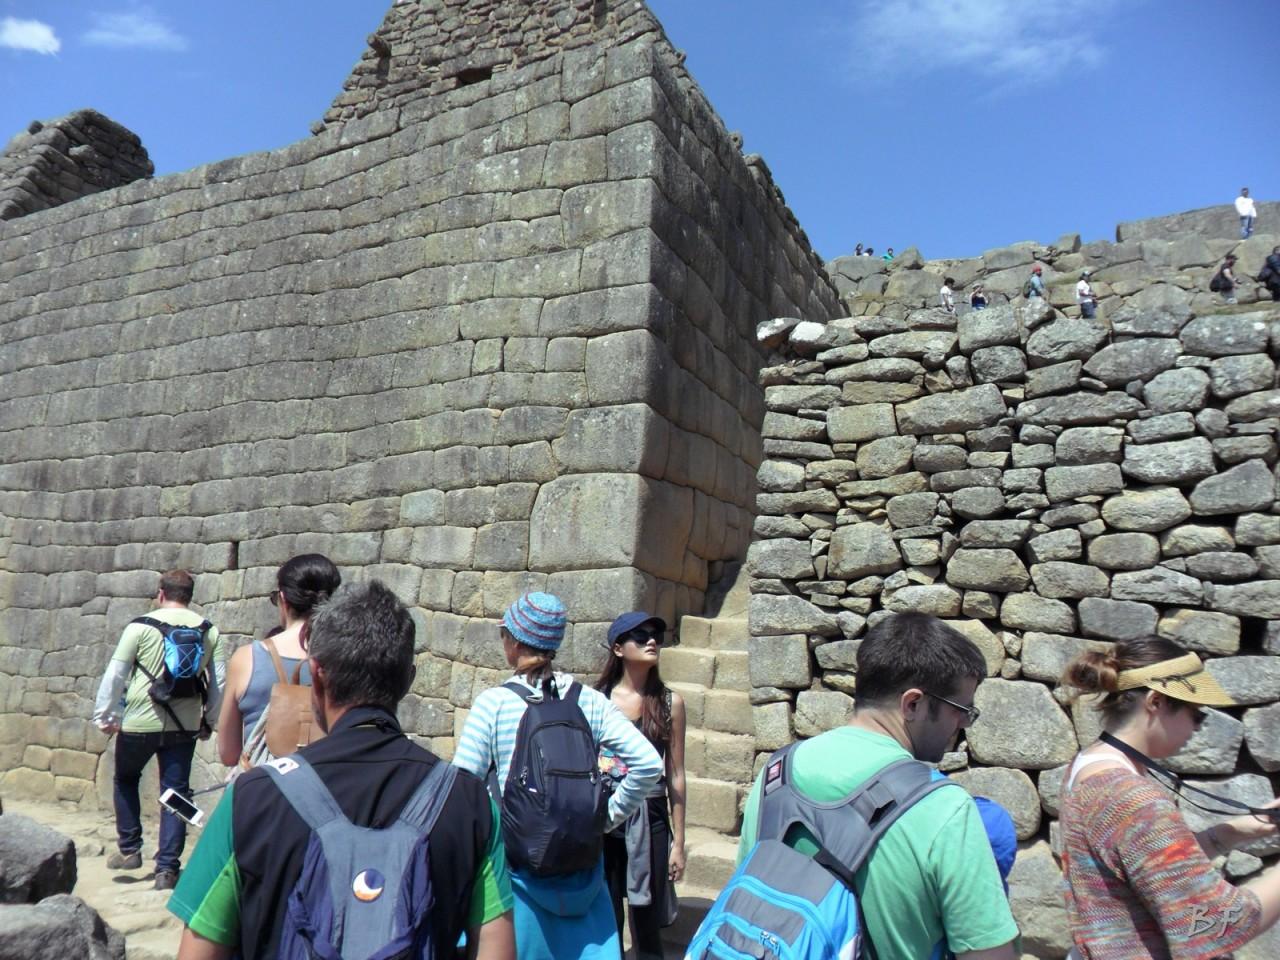 Mura-Poligonali-Incisioni-Altari-Edifici-Rupestri-Megaliti-Machu-Picchu-Aguas-Calientes-Urubamba-Cusco-Perù-38